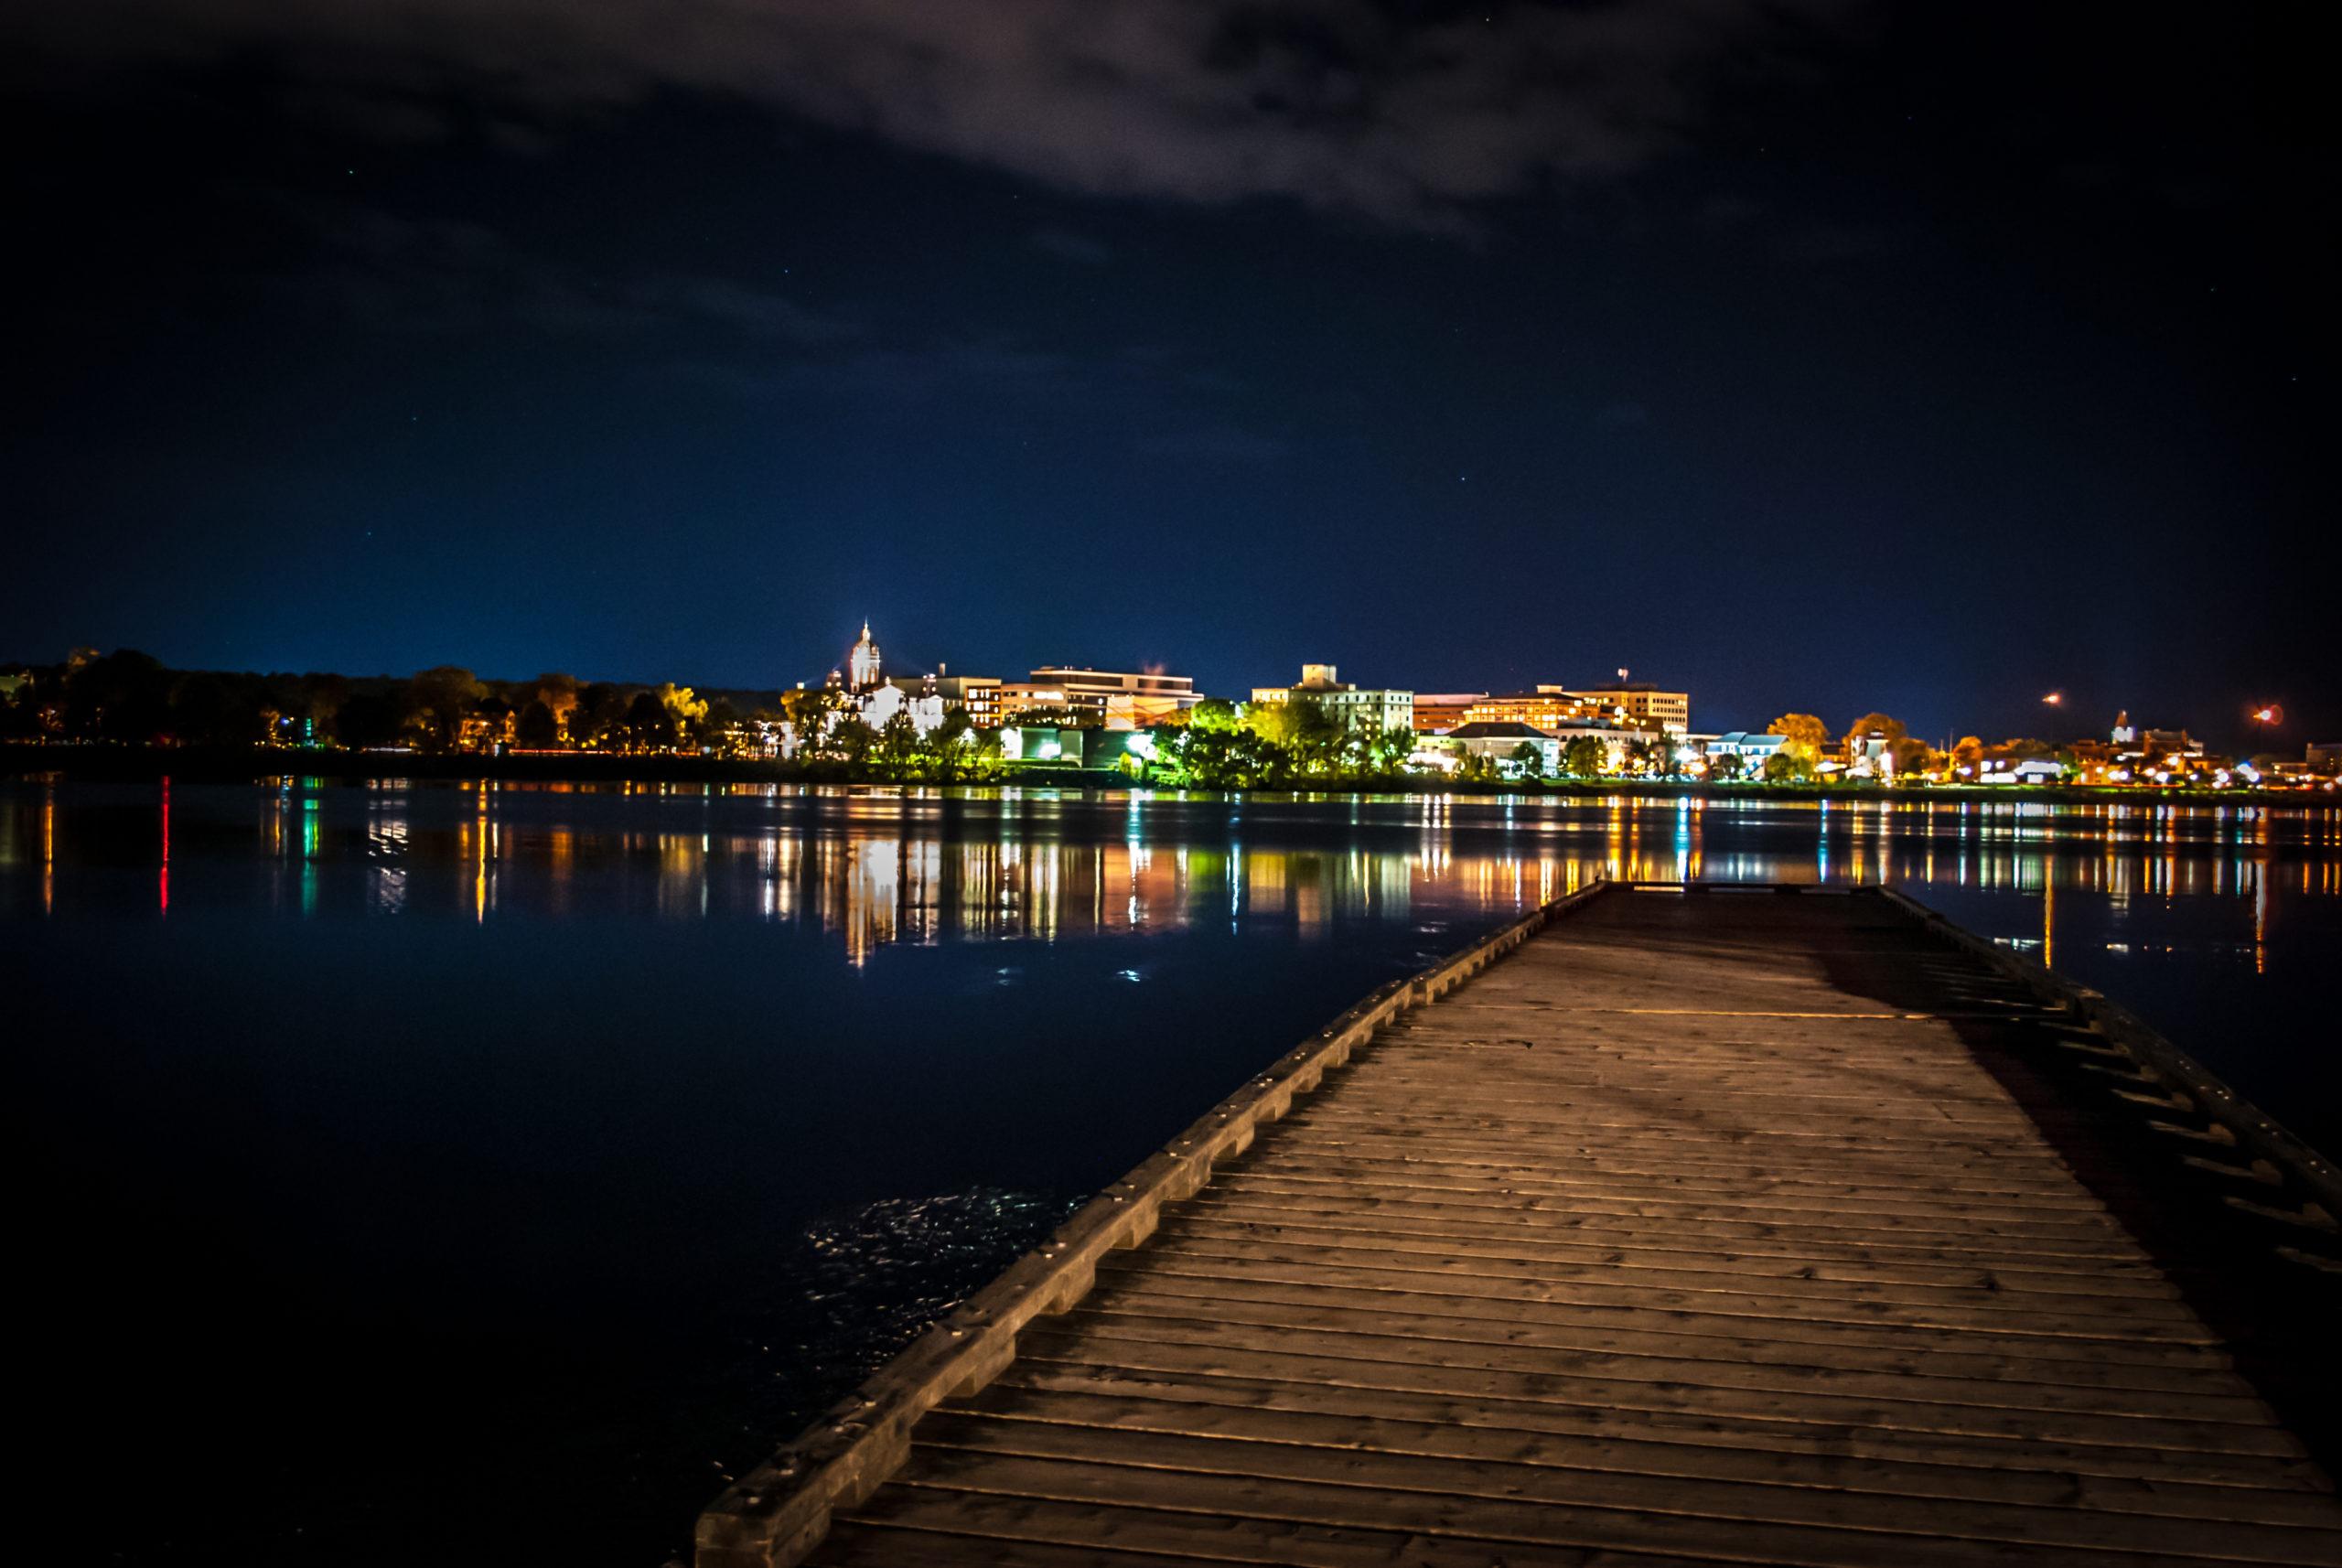 Canada Plaza - Giới thiệu tỉnh bang New Brunswick - Fredericton